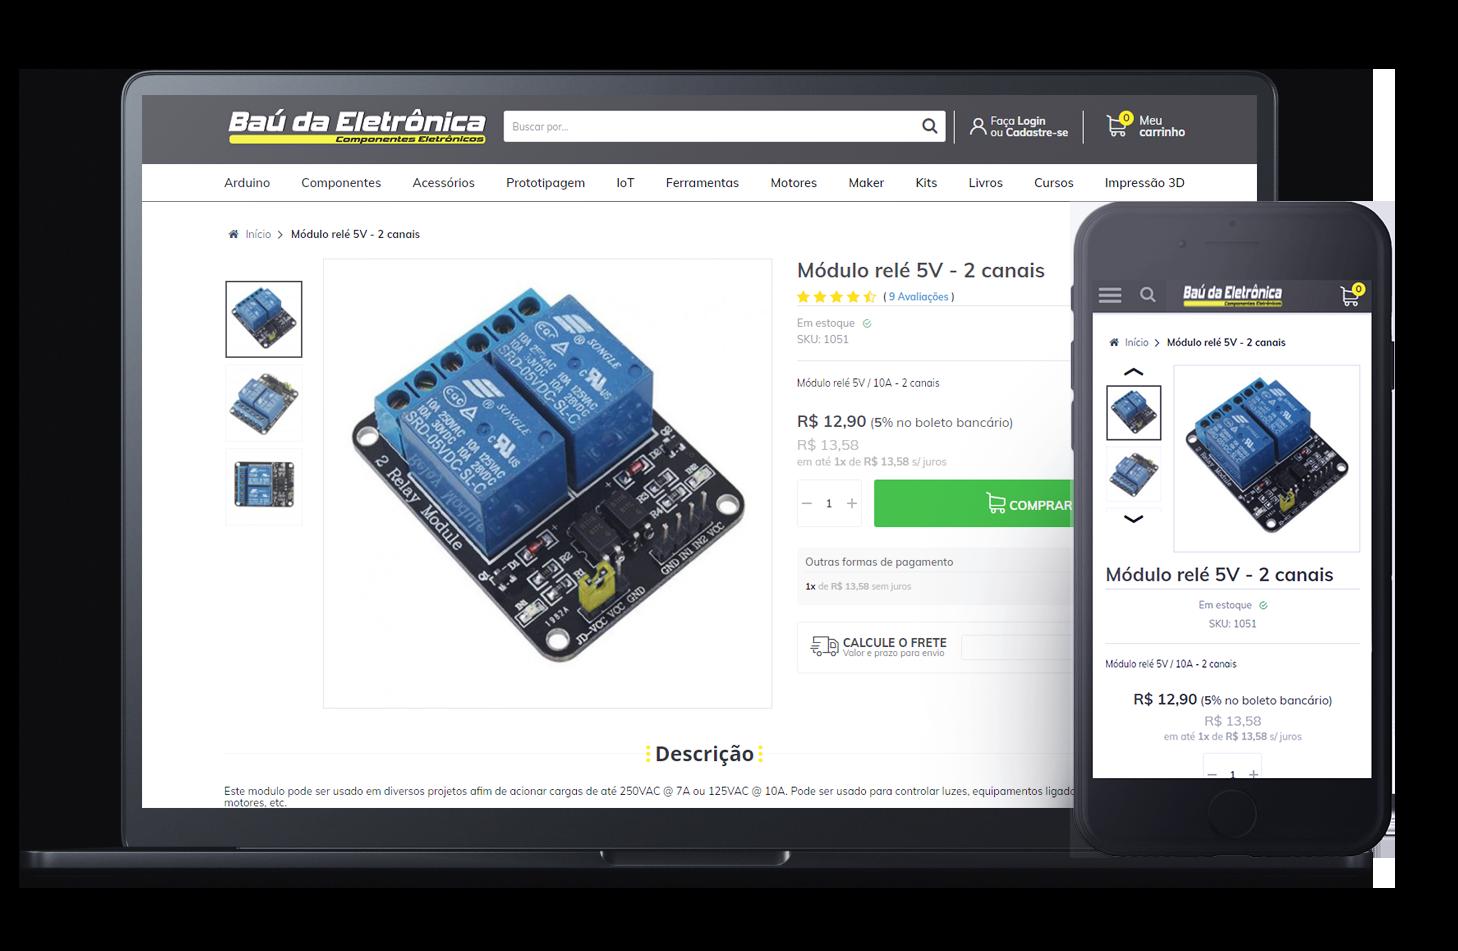 Mockup da loja virtual Baú da Eletrônica, desenvolvida com a Plataforma de E-commerce Magento Bis2Bis